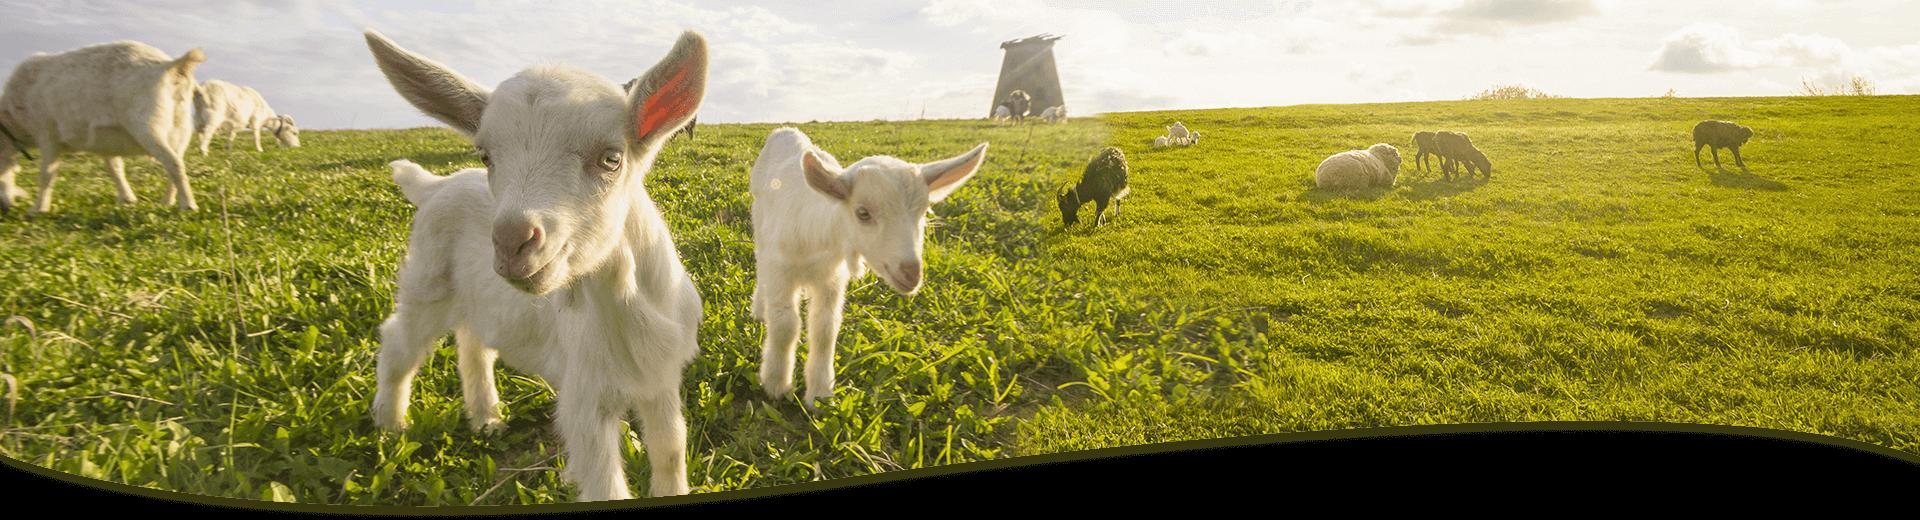 產品資訊-羊乳片橫幅